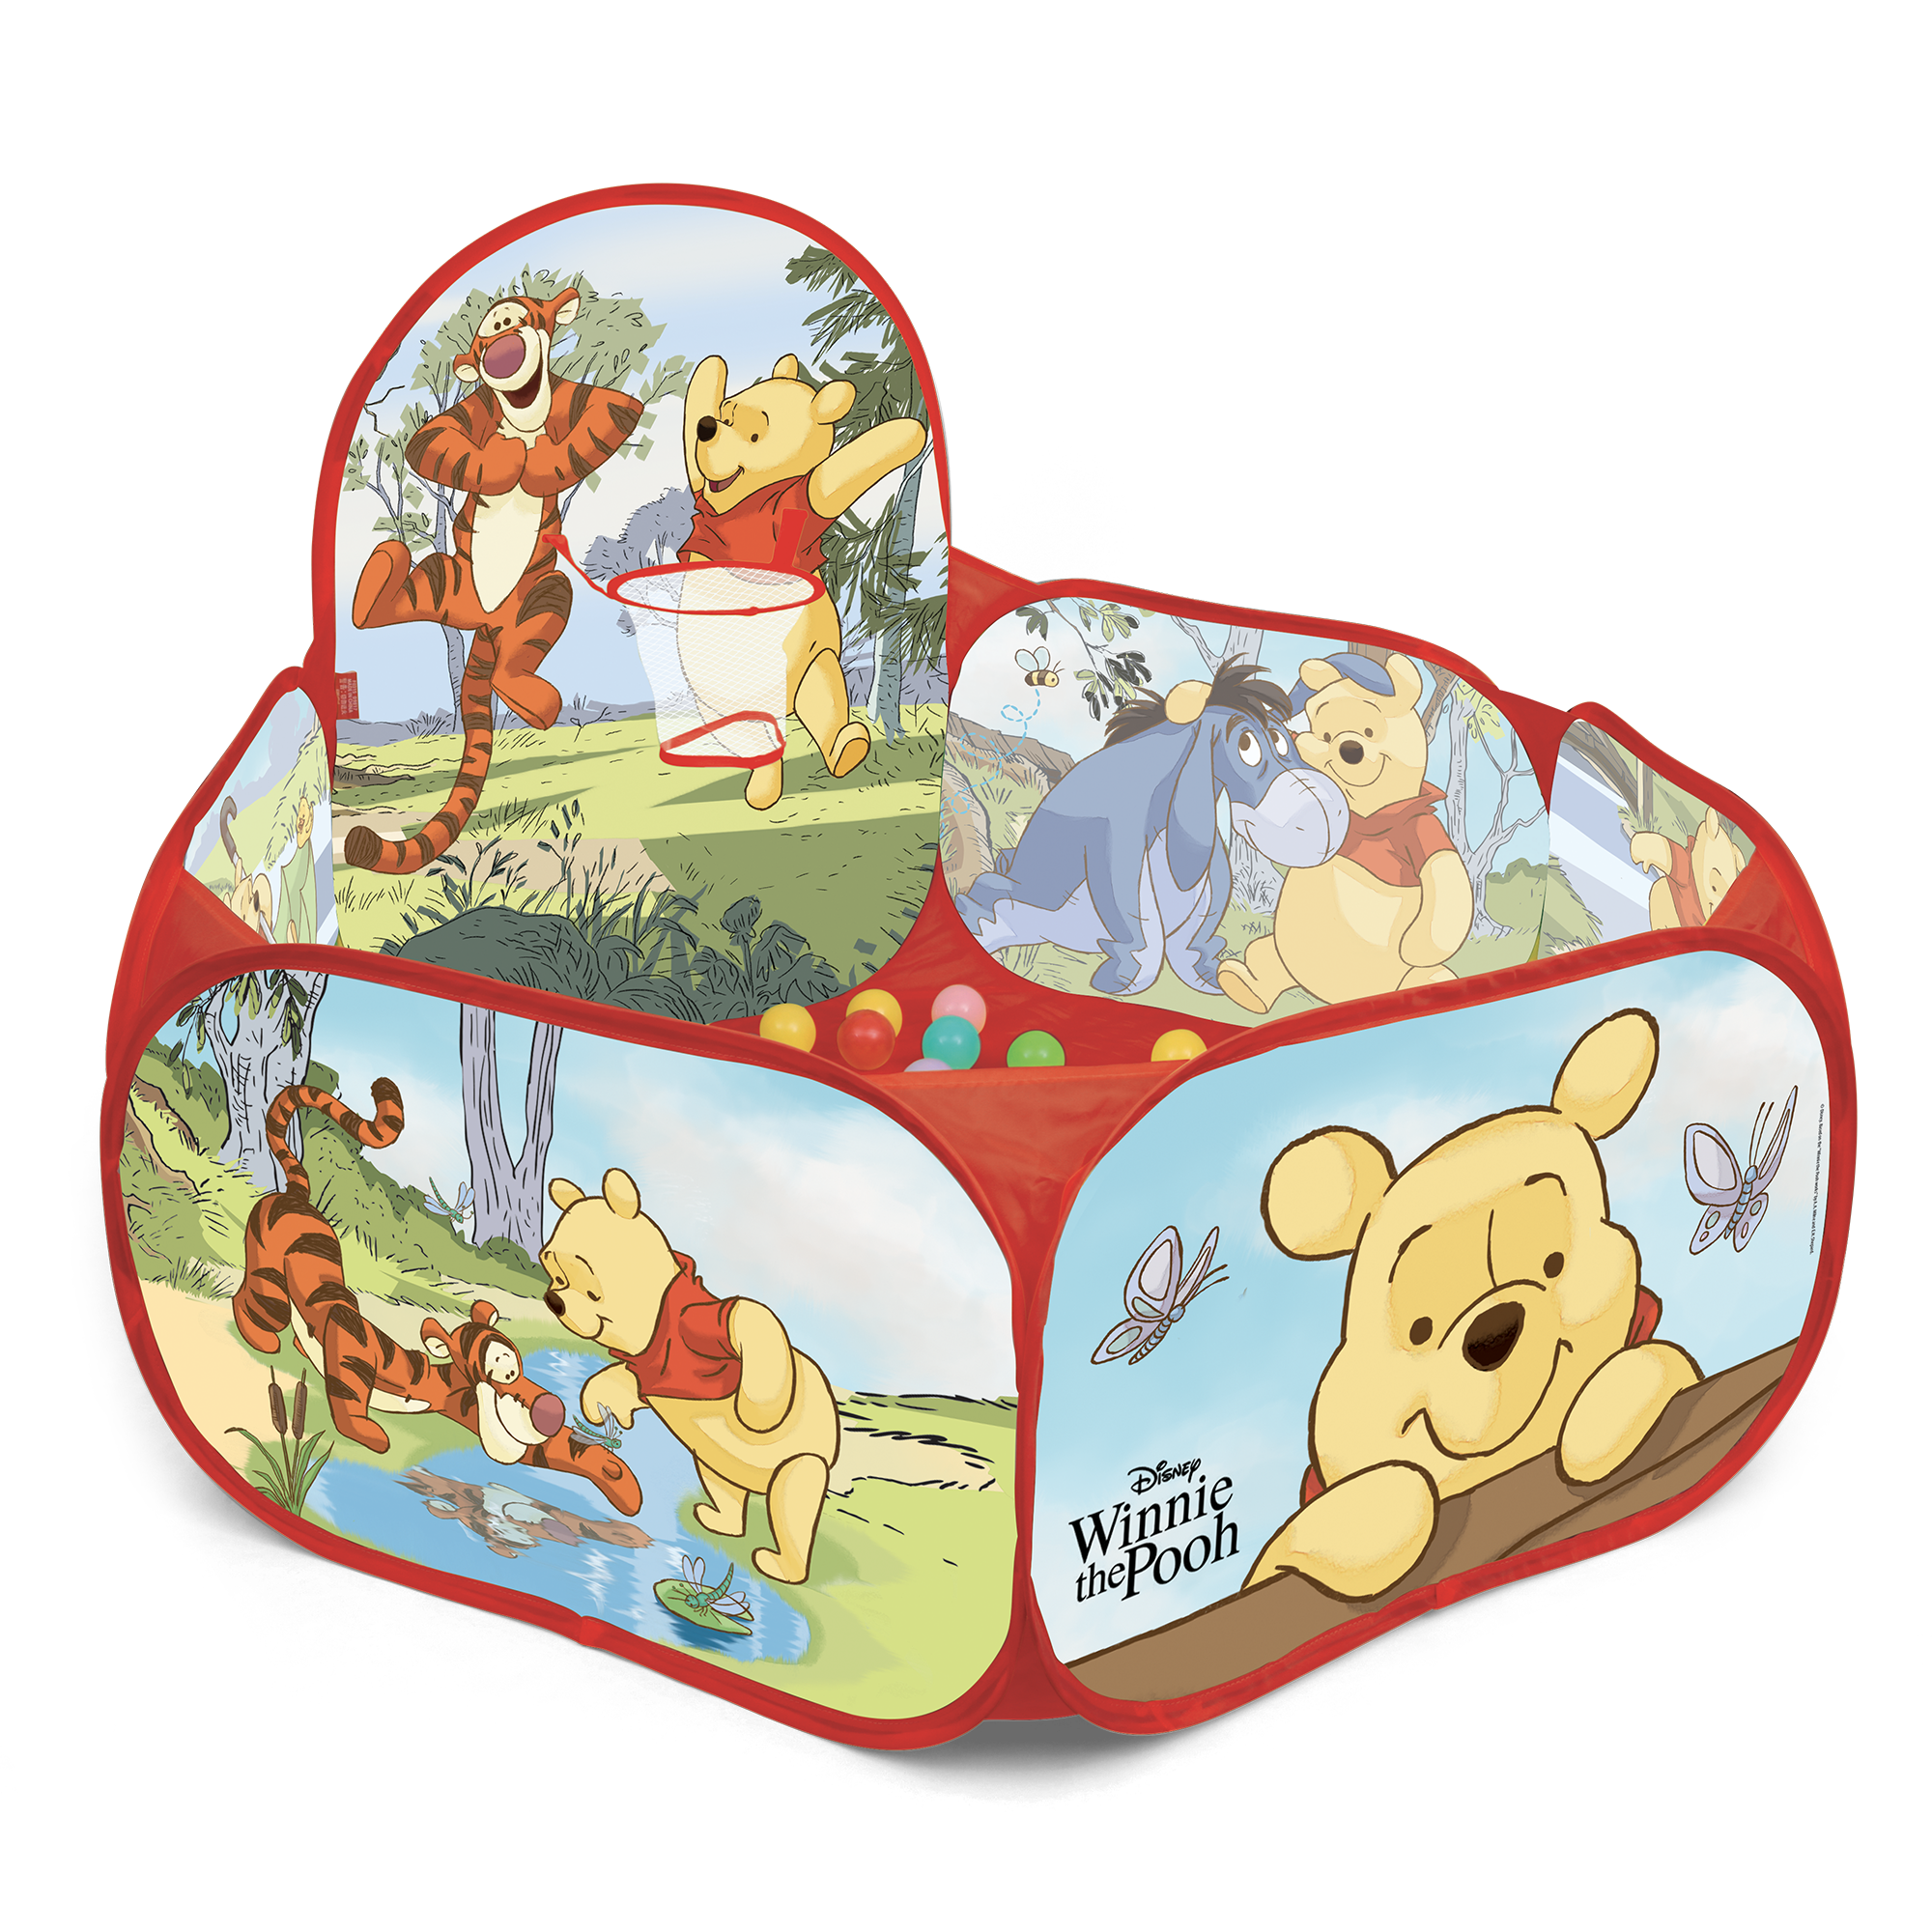 Centro gioco con canestro - winnie the pooh - BABY SMILE